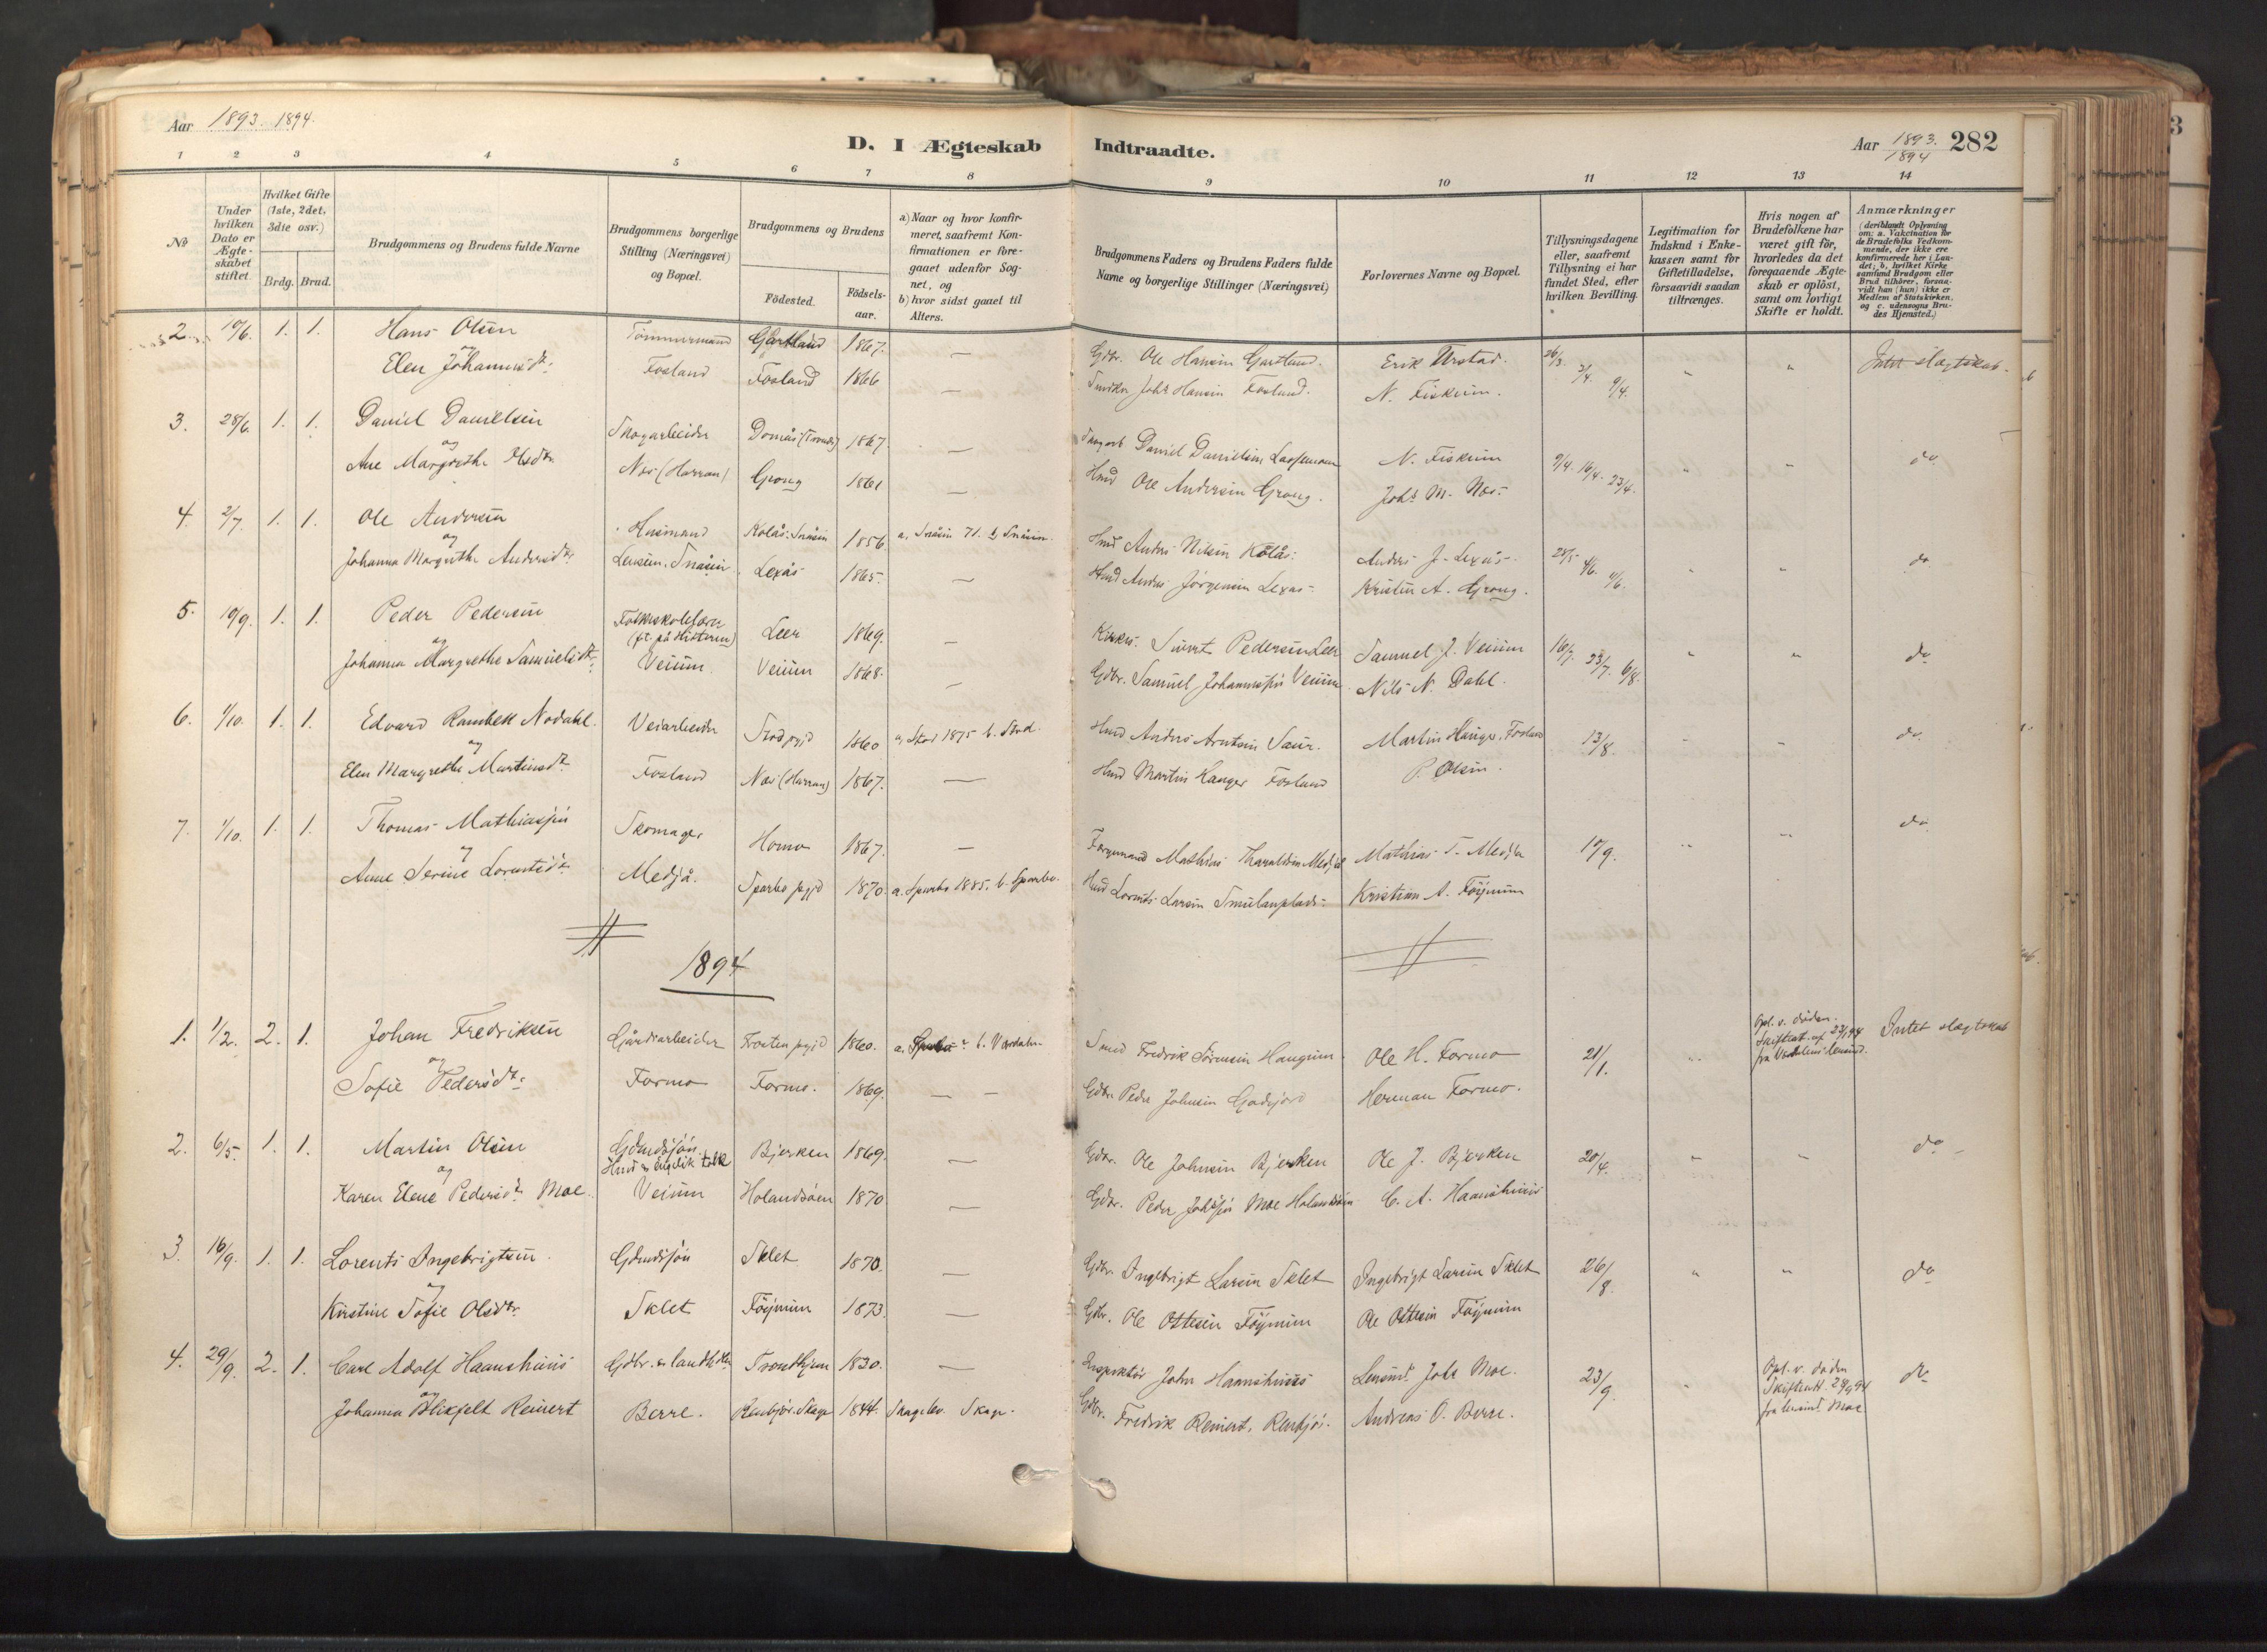 SAT, Ministerialprotokoller, klokkerbøker og fødselsregistre - Nord-Trøndelag, 758/L0519: Ministerialbok nr. 758A04, 1880-1926, s. 282